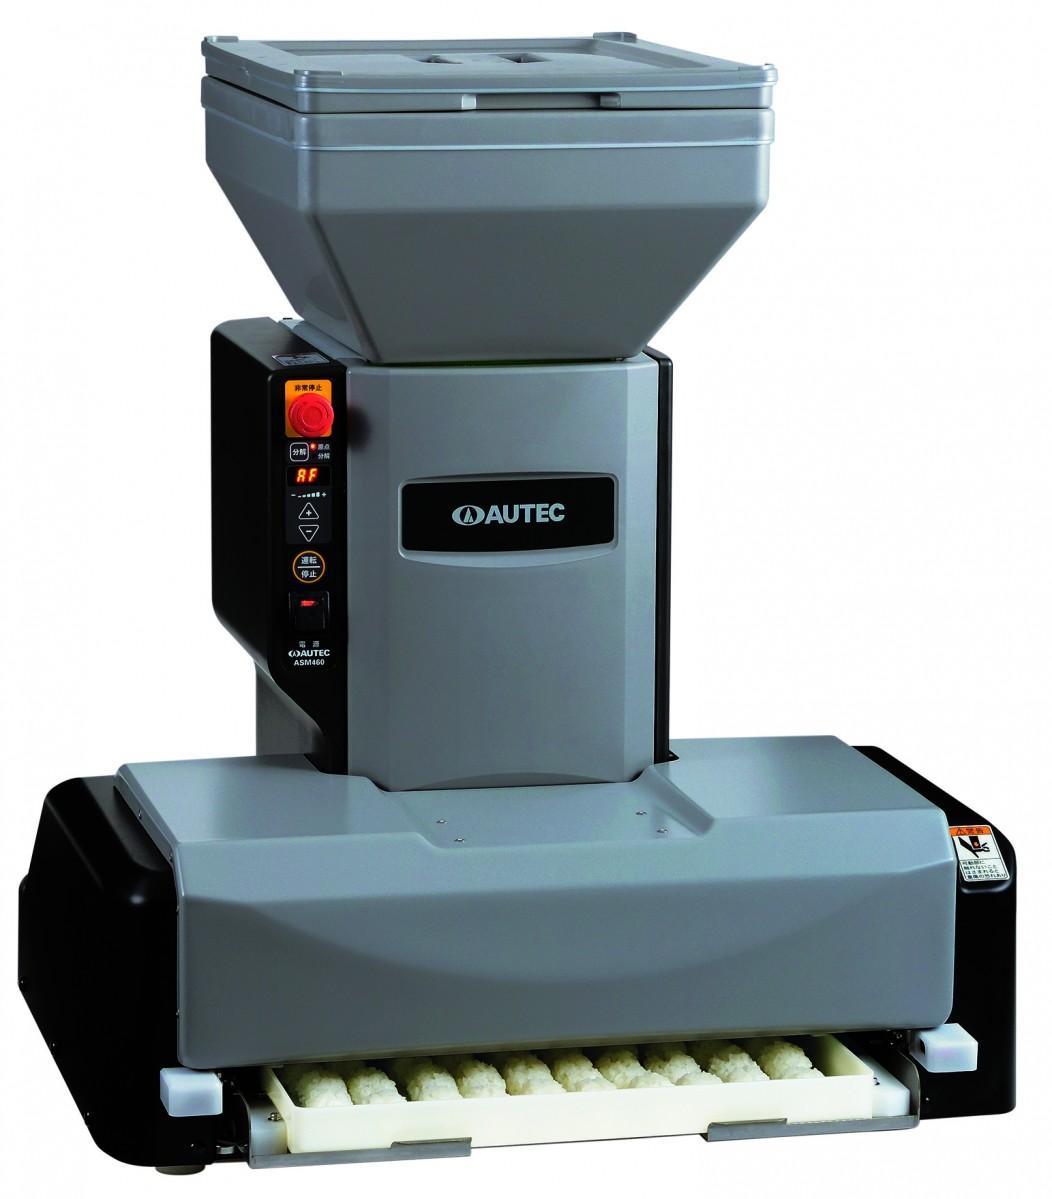 新型すしメーカー「ASM460」